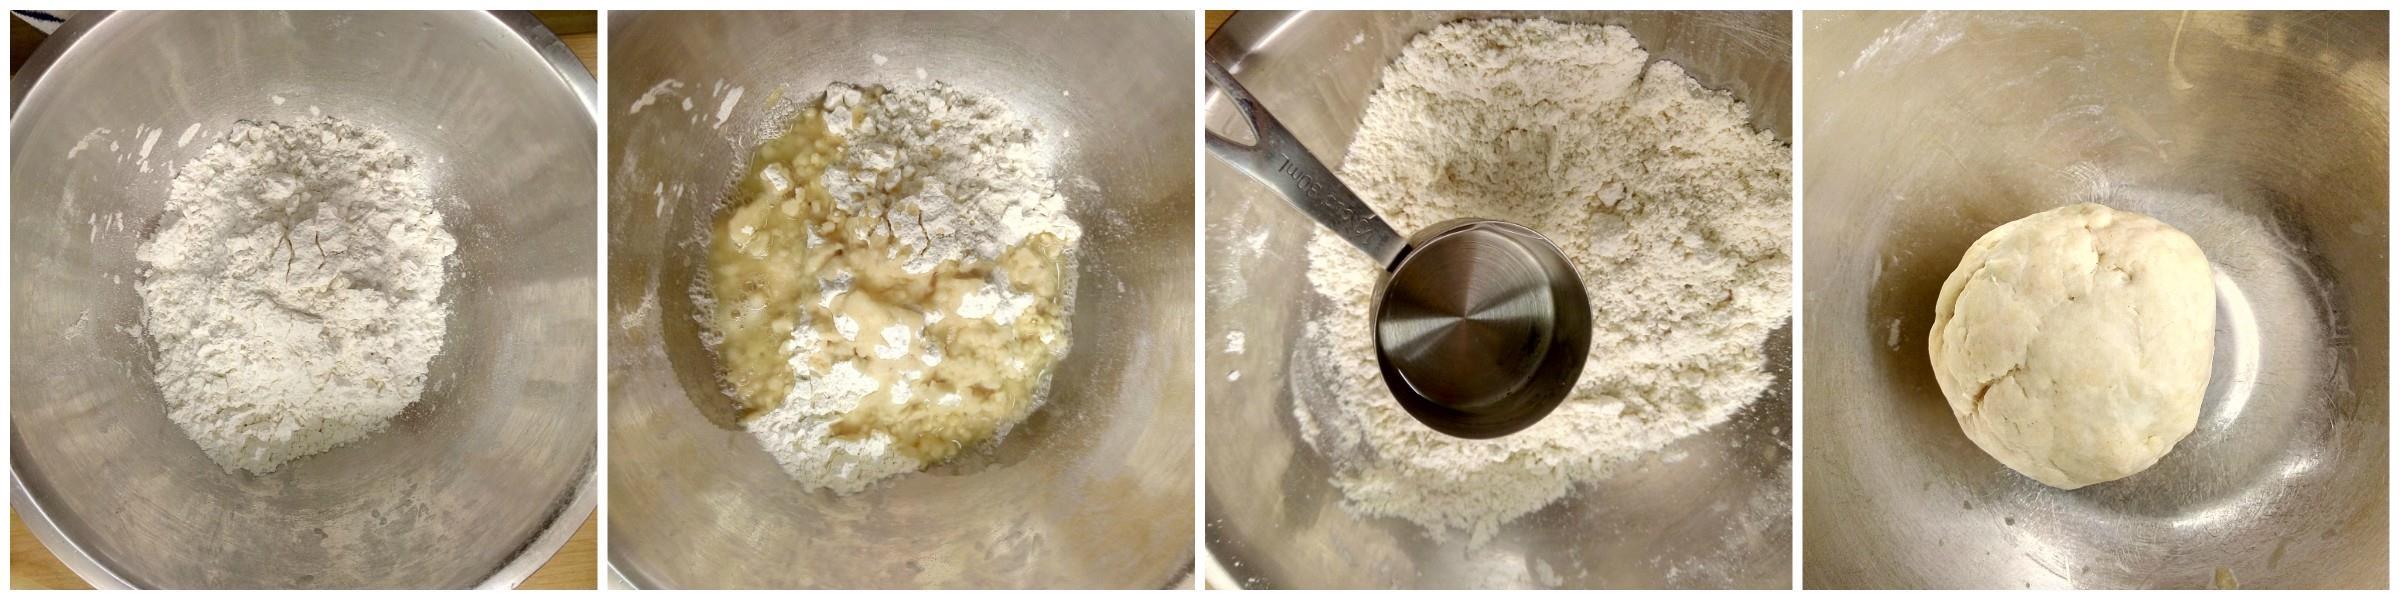 gujiya recipe step 1